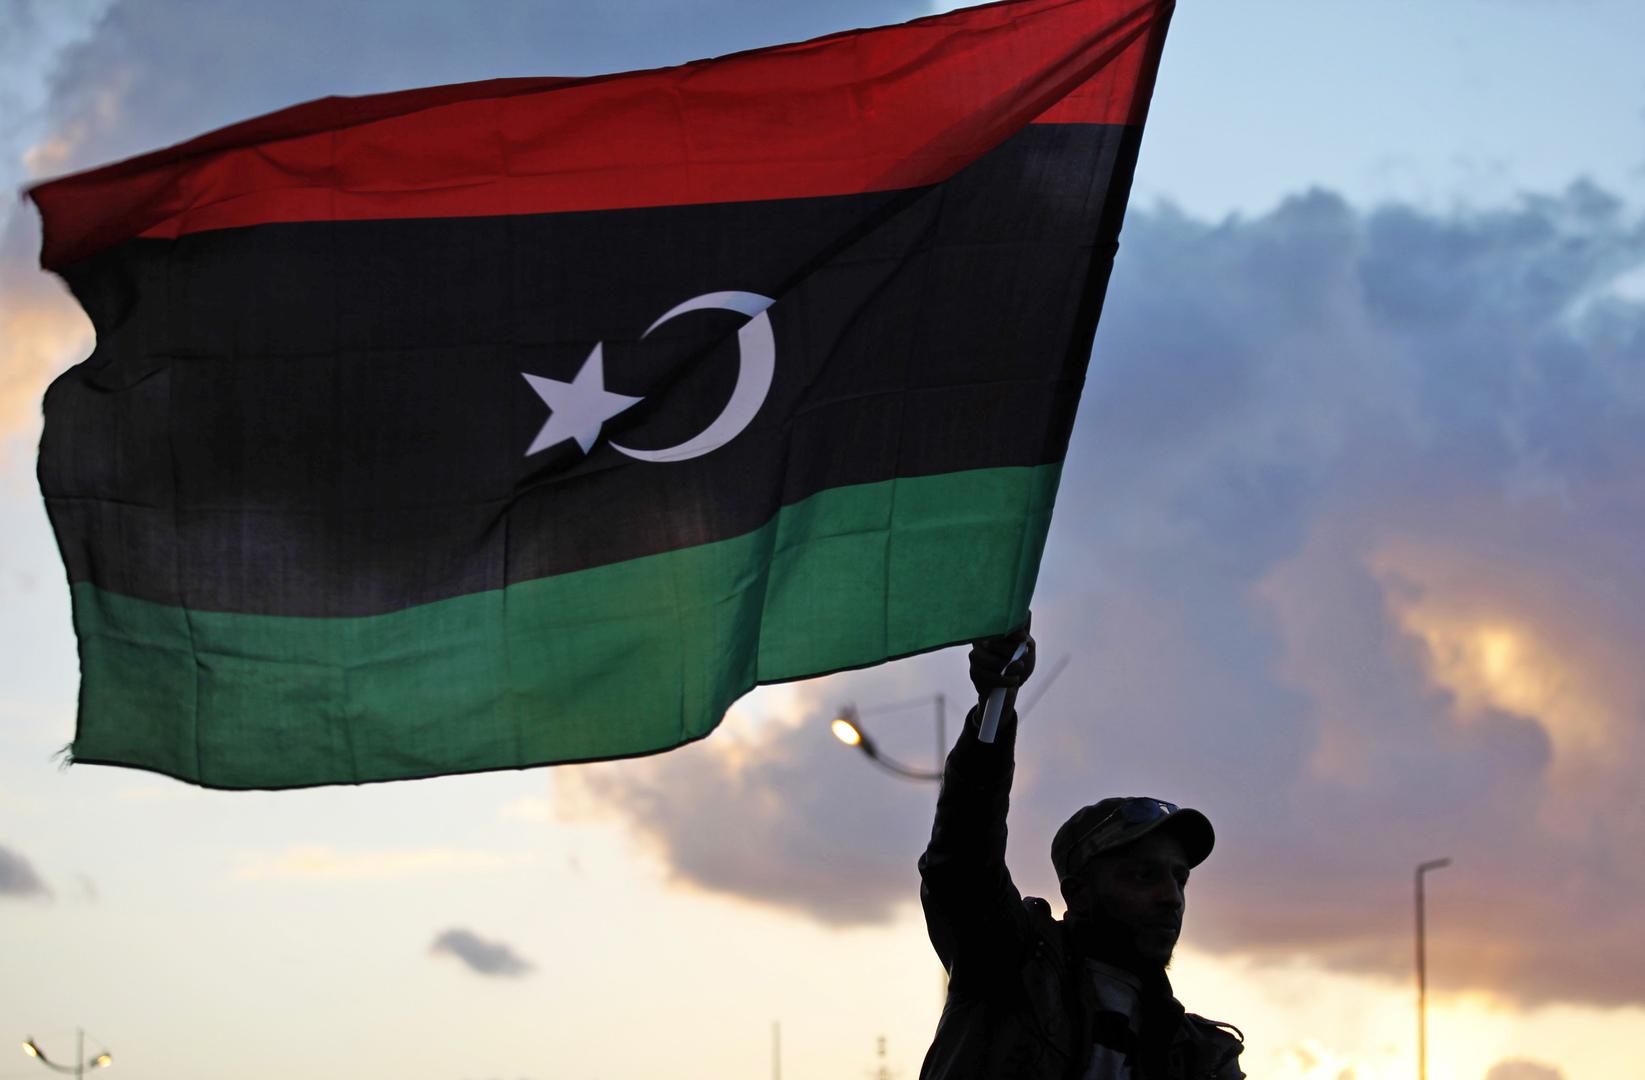 طرابلس تستضيف اليوم مؤتمرا دوليا حول دعم استقرار ليبيا